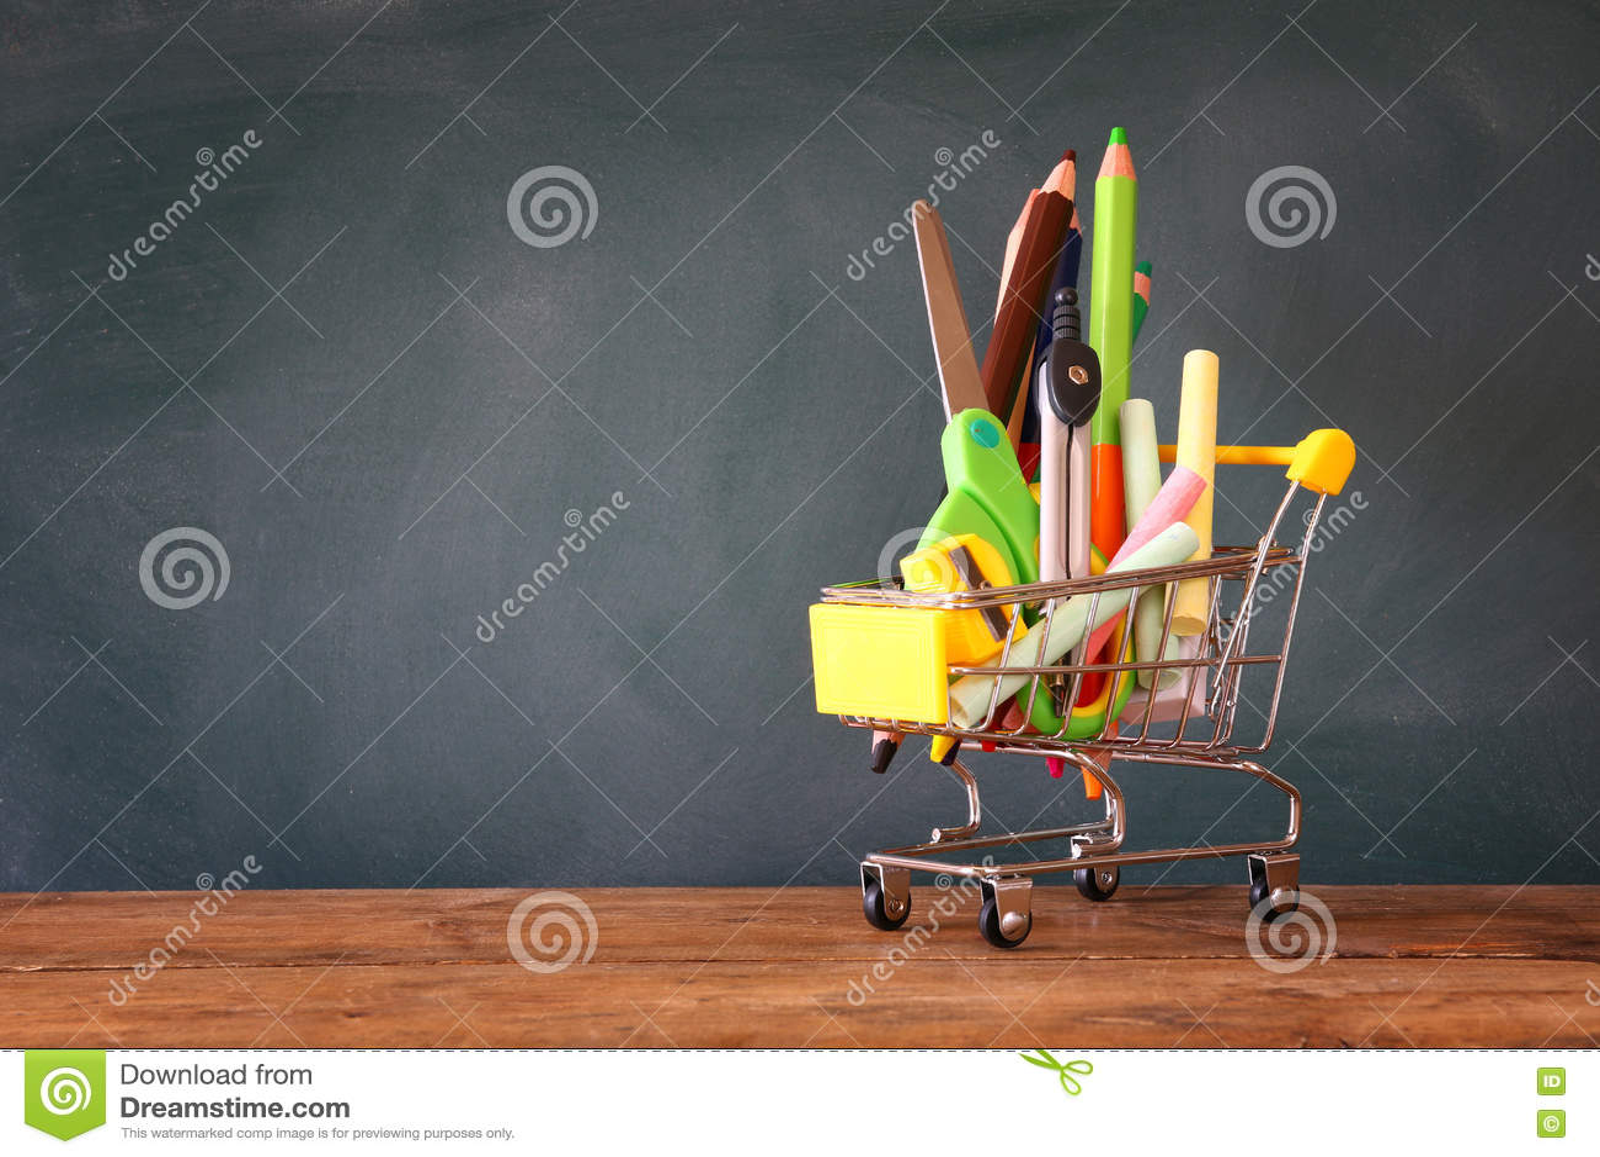 Carrinho de compras com fonte de escola na frente do quadro-negro